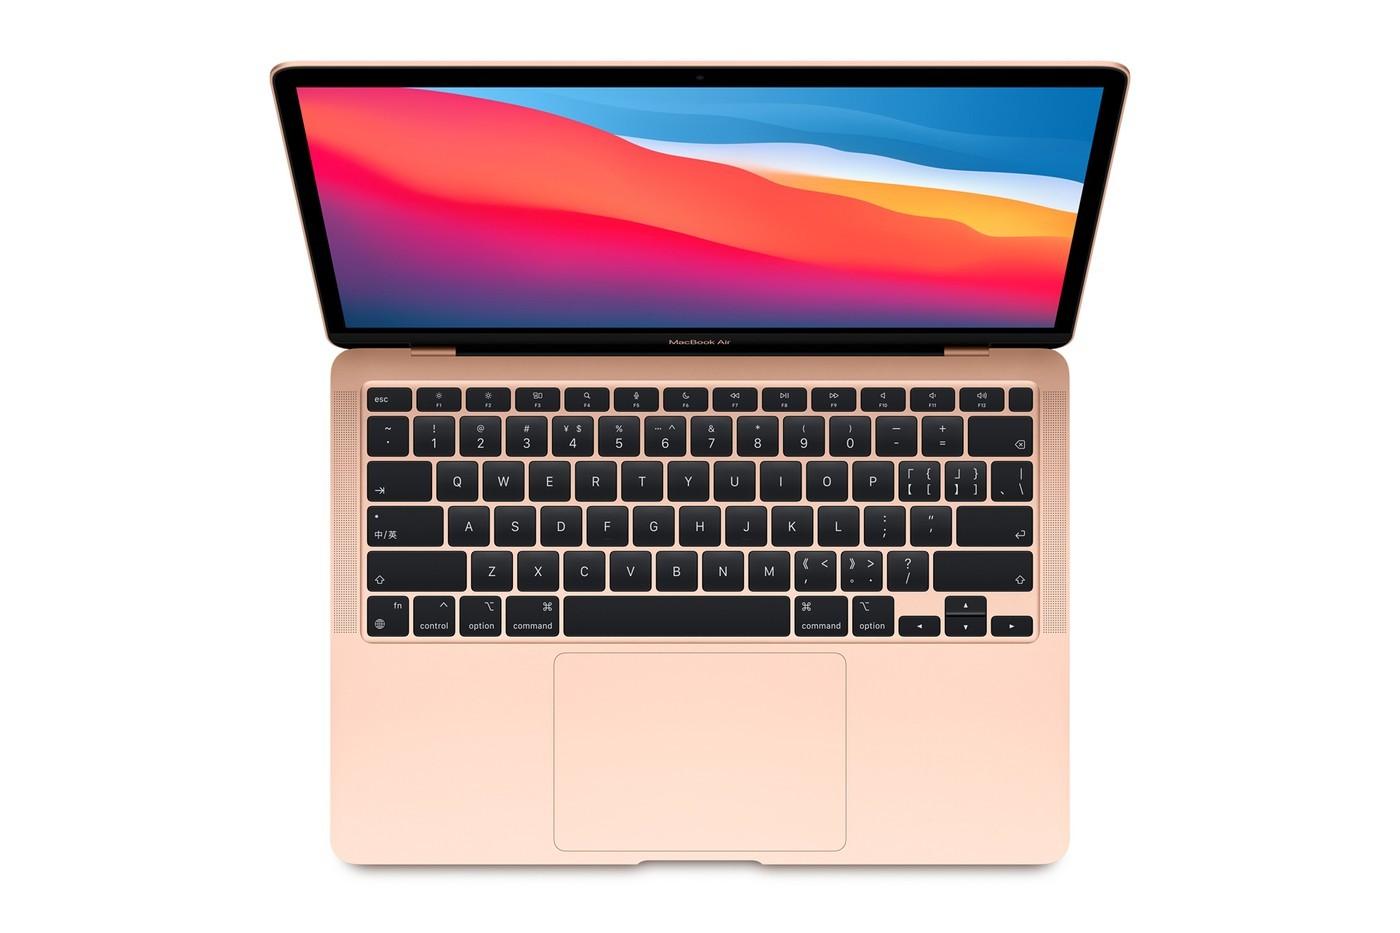 苹果推出新型M1芯片,推出最新的Mac产品阵容